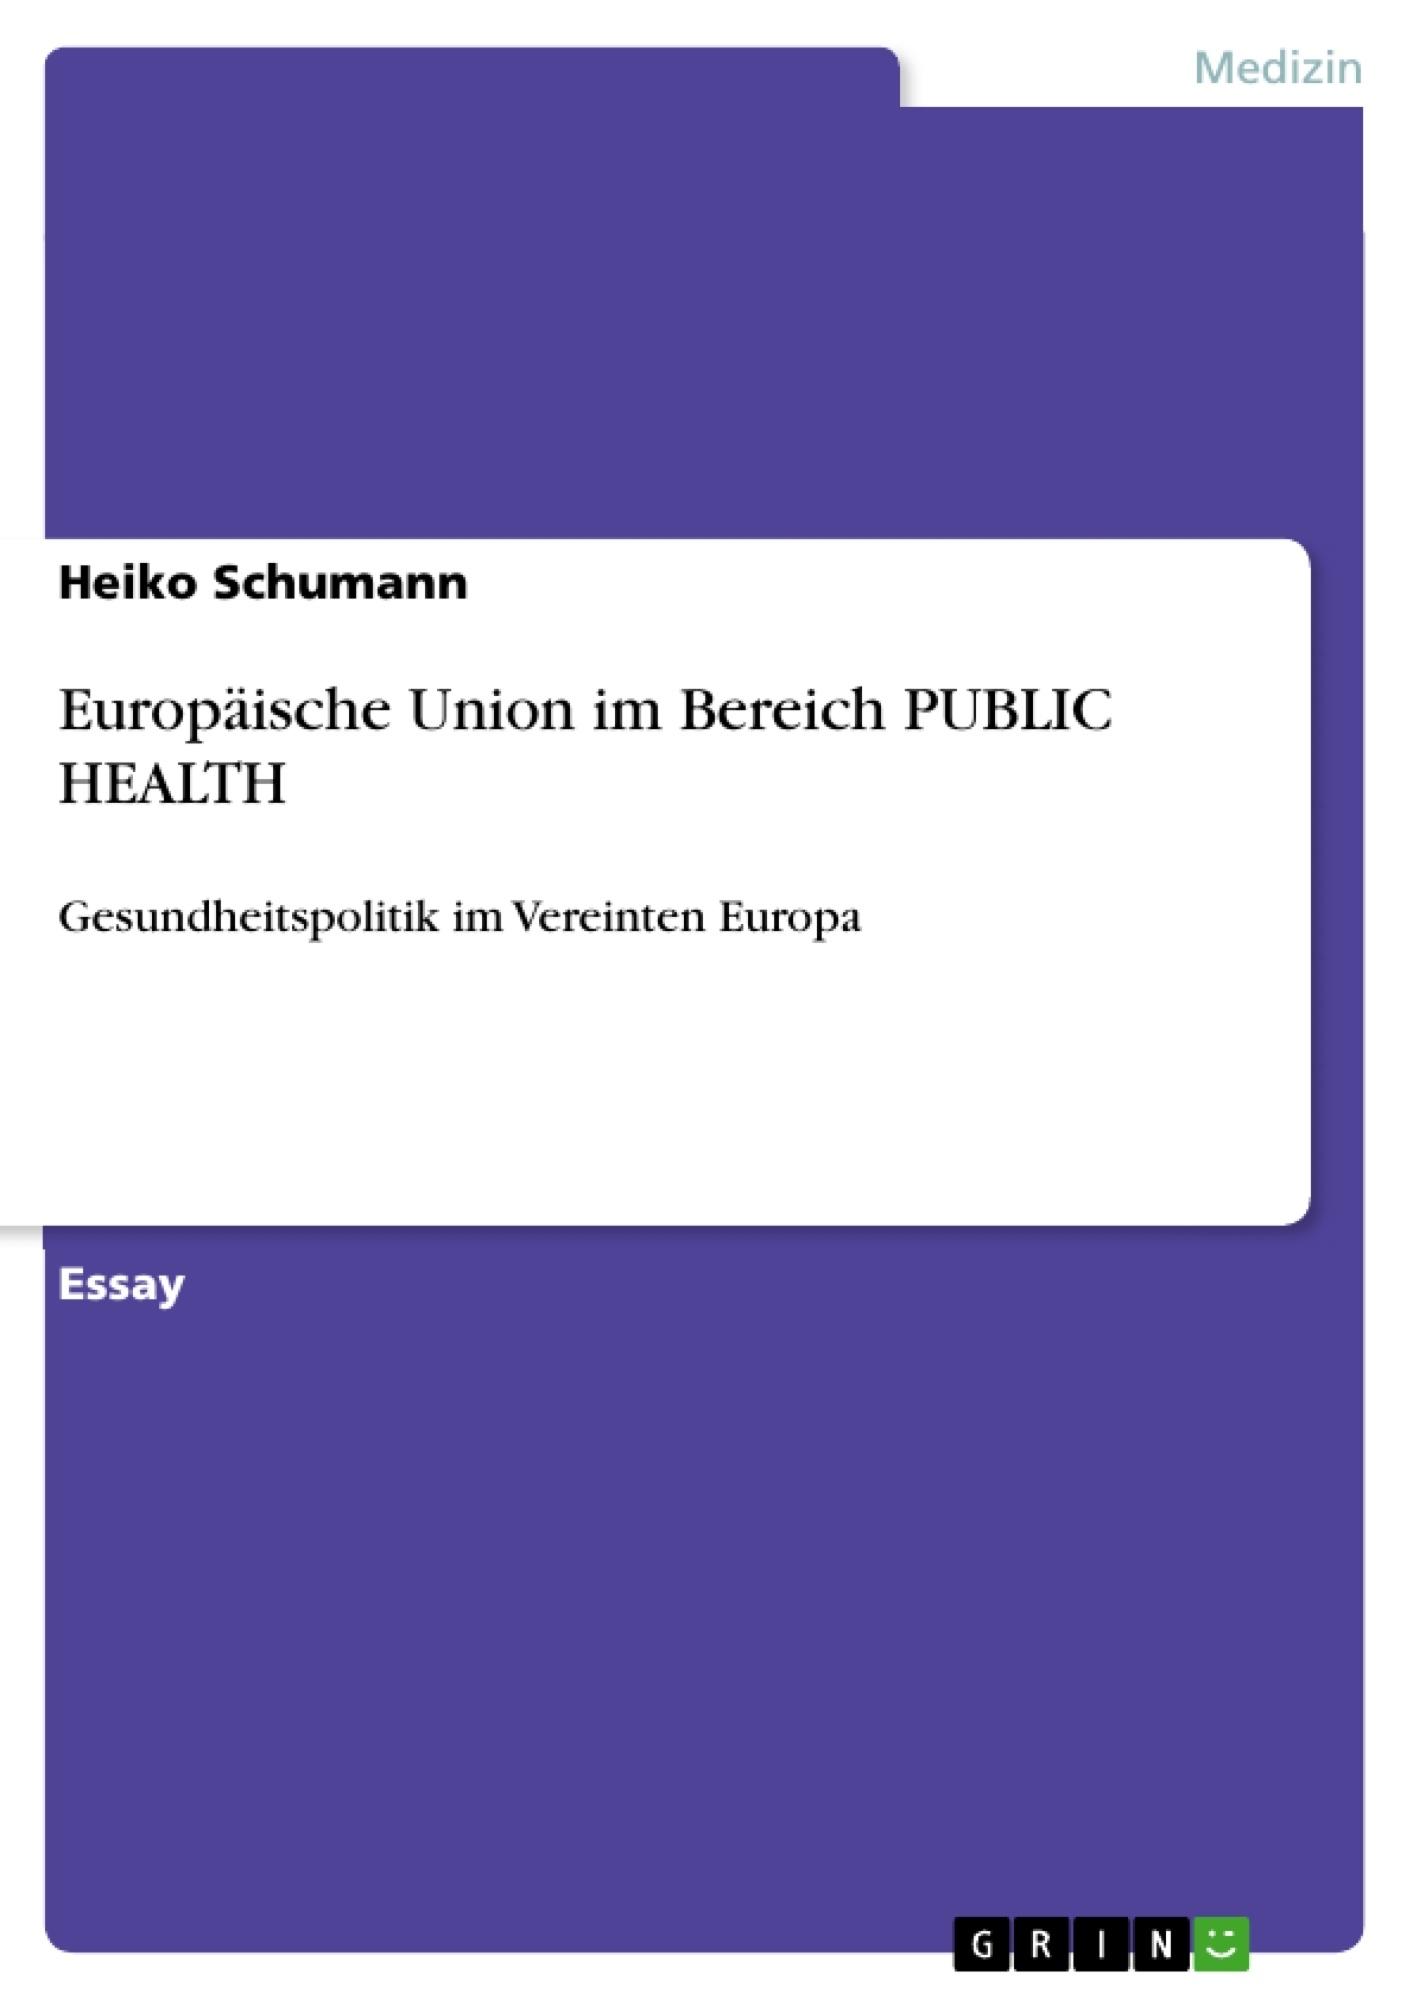 Titel: Europäische Union im Bereich PUBLIC HEALTH